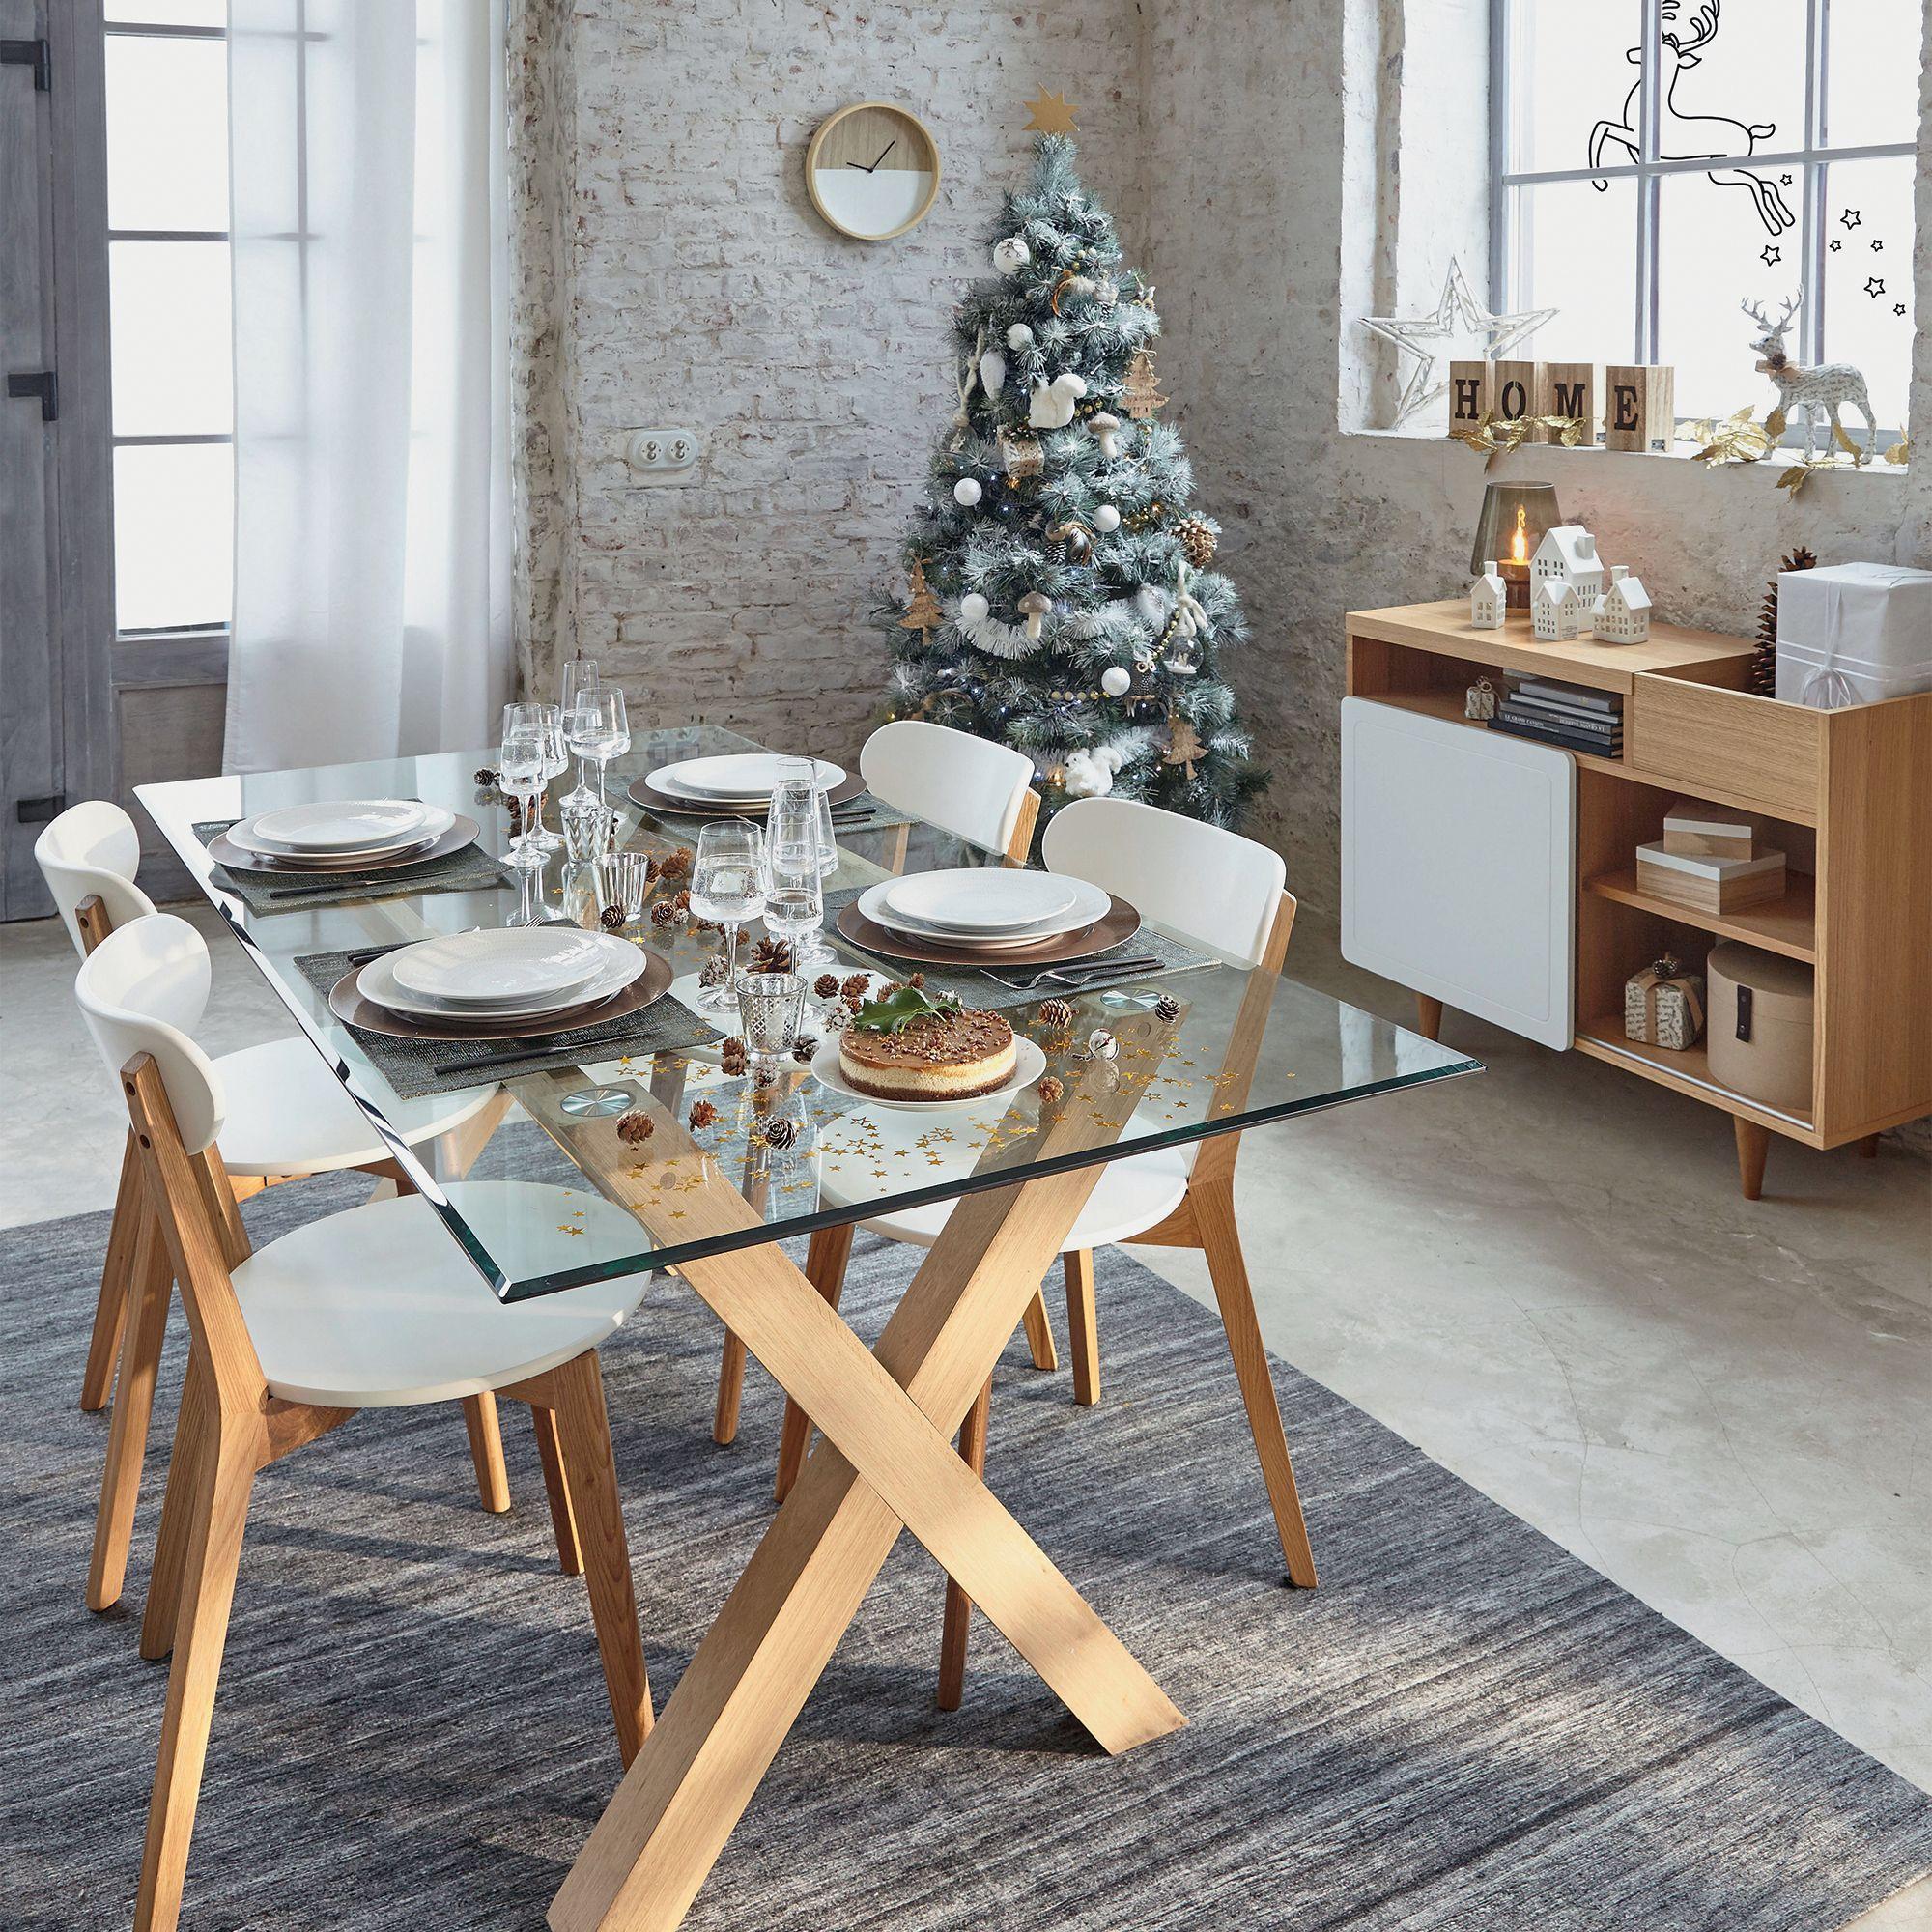 Petit Buffet Placage Chêne Finition Laqué Blanc Nyla Alinea - Table laque blanc alinea pour idees de deco de cuisine